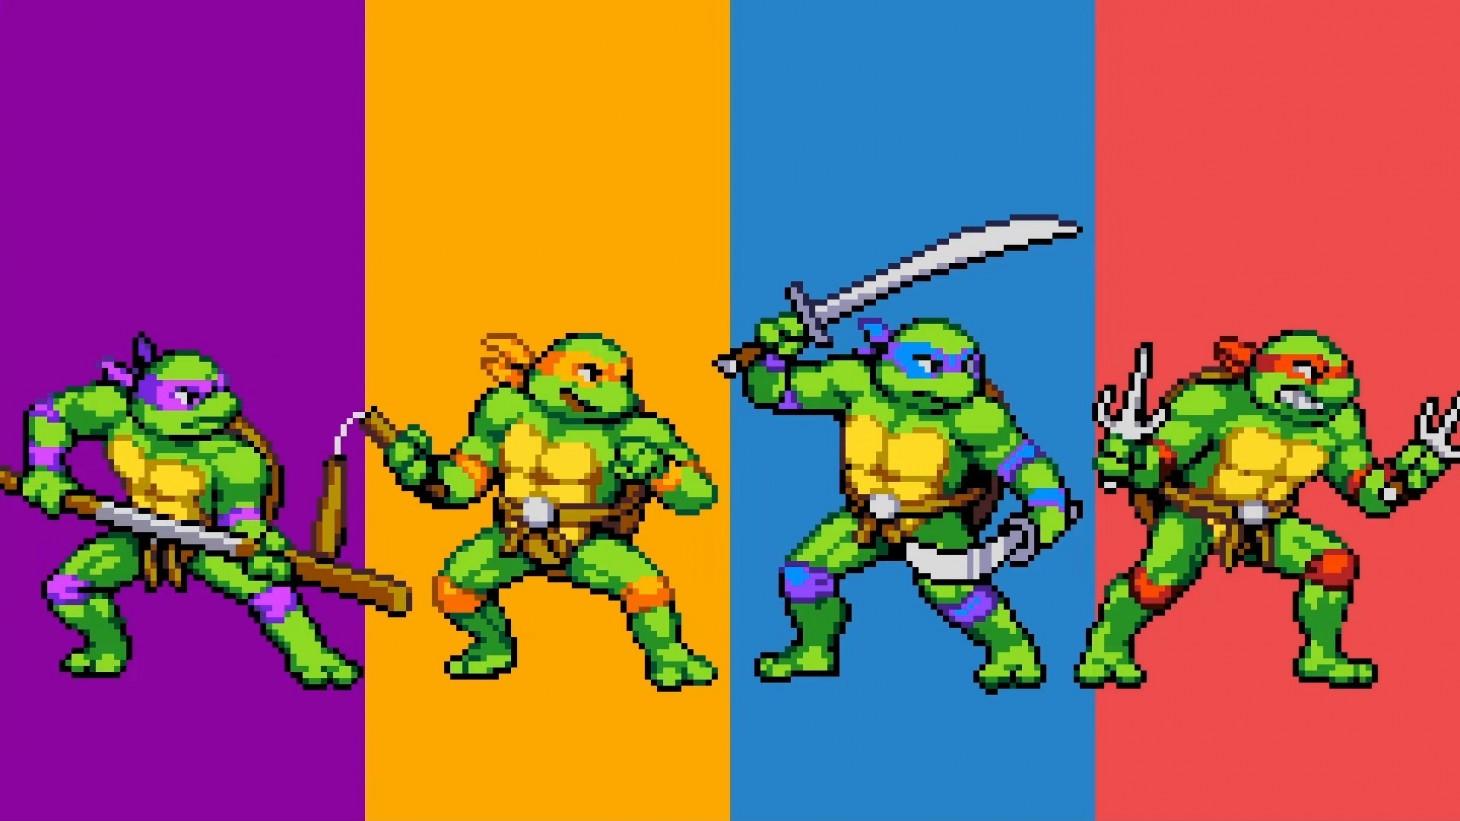 Teenage Mutant Ninja Turtles: Shredder's Revenge Confirmed For Nintendo Switch, New Gameplay Trailer - Game Informer